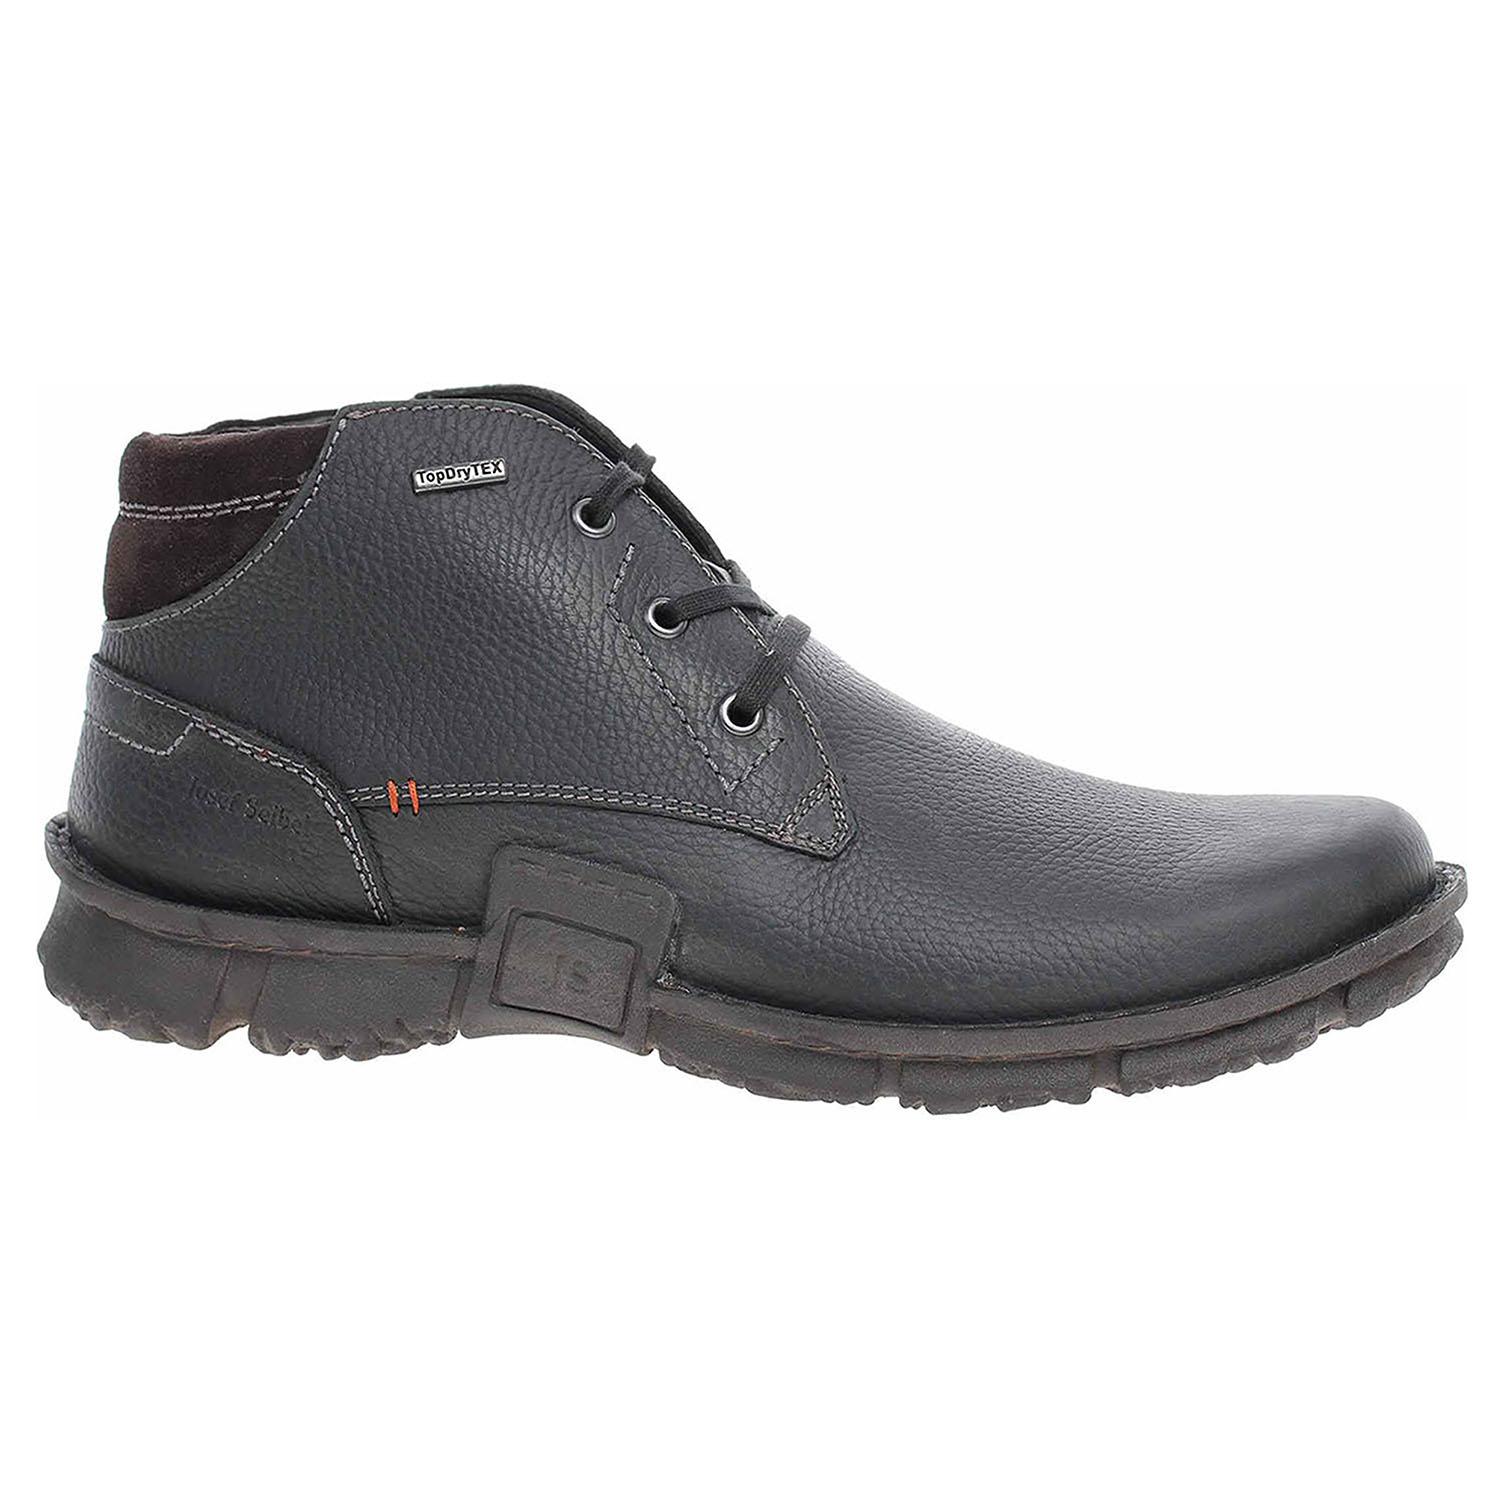 Pánská kotníková obuv Josef Seibel 14535 MA781100 schwarz 14535 MA781 100 42